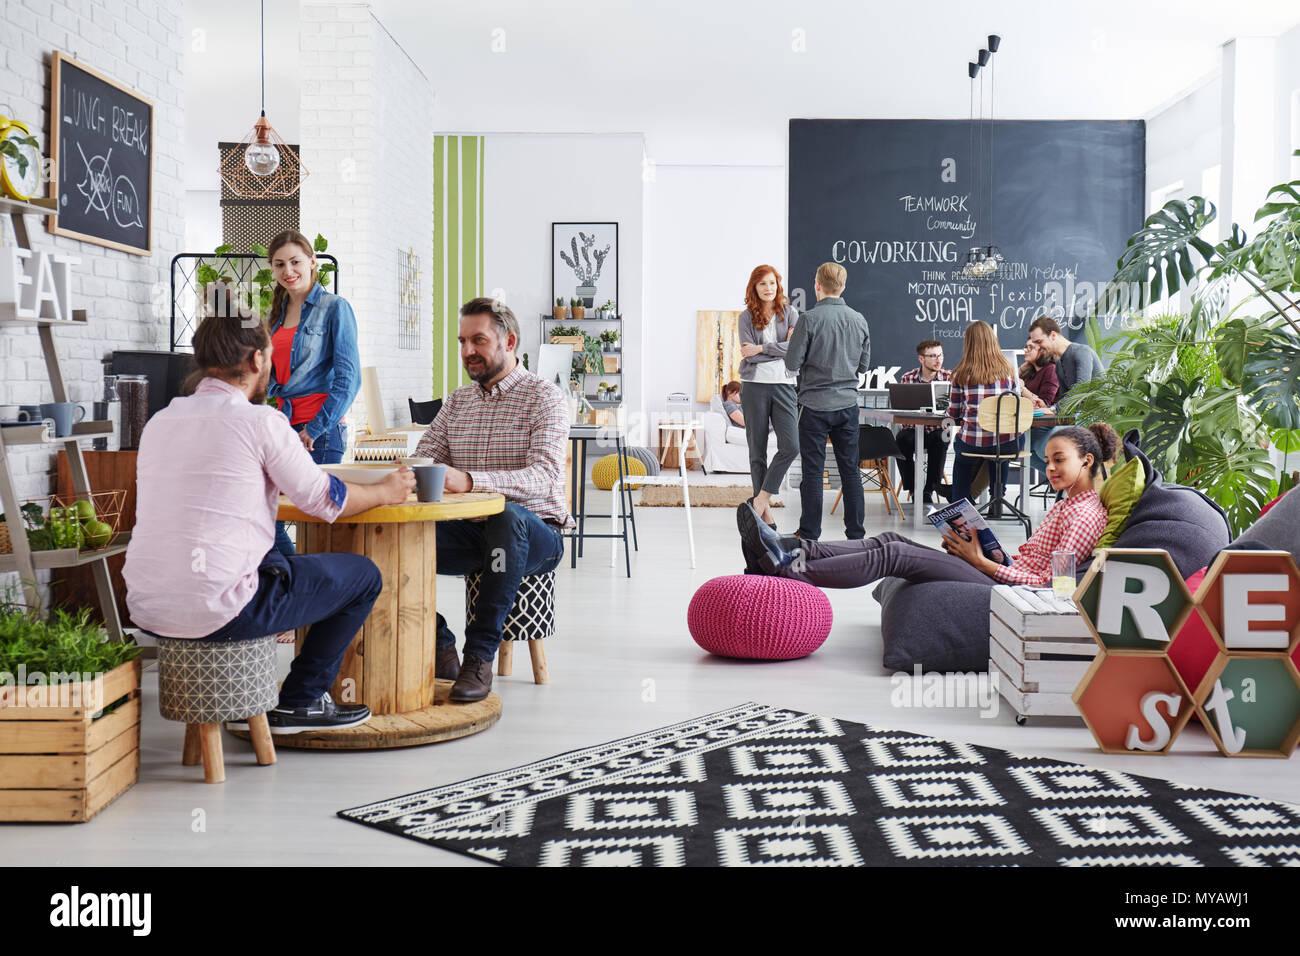 Les personnes travaillant dans l'agence moderne au cours du déjeuner relaxant Photo Stock